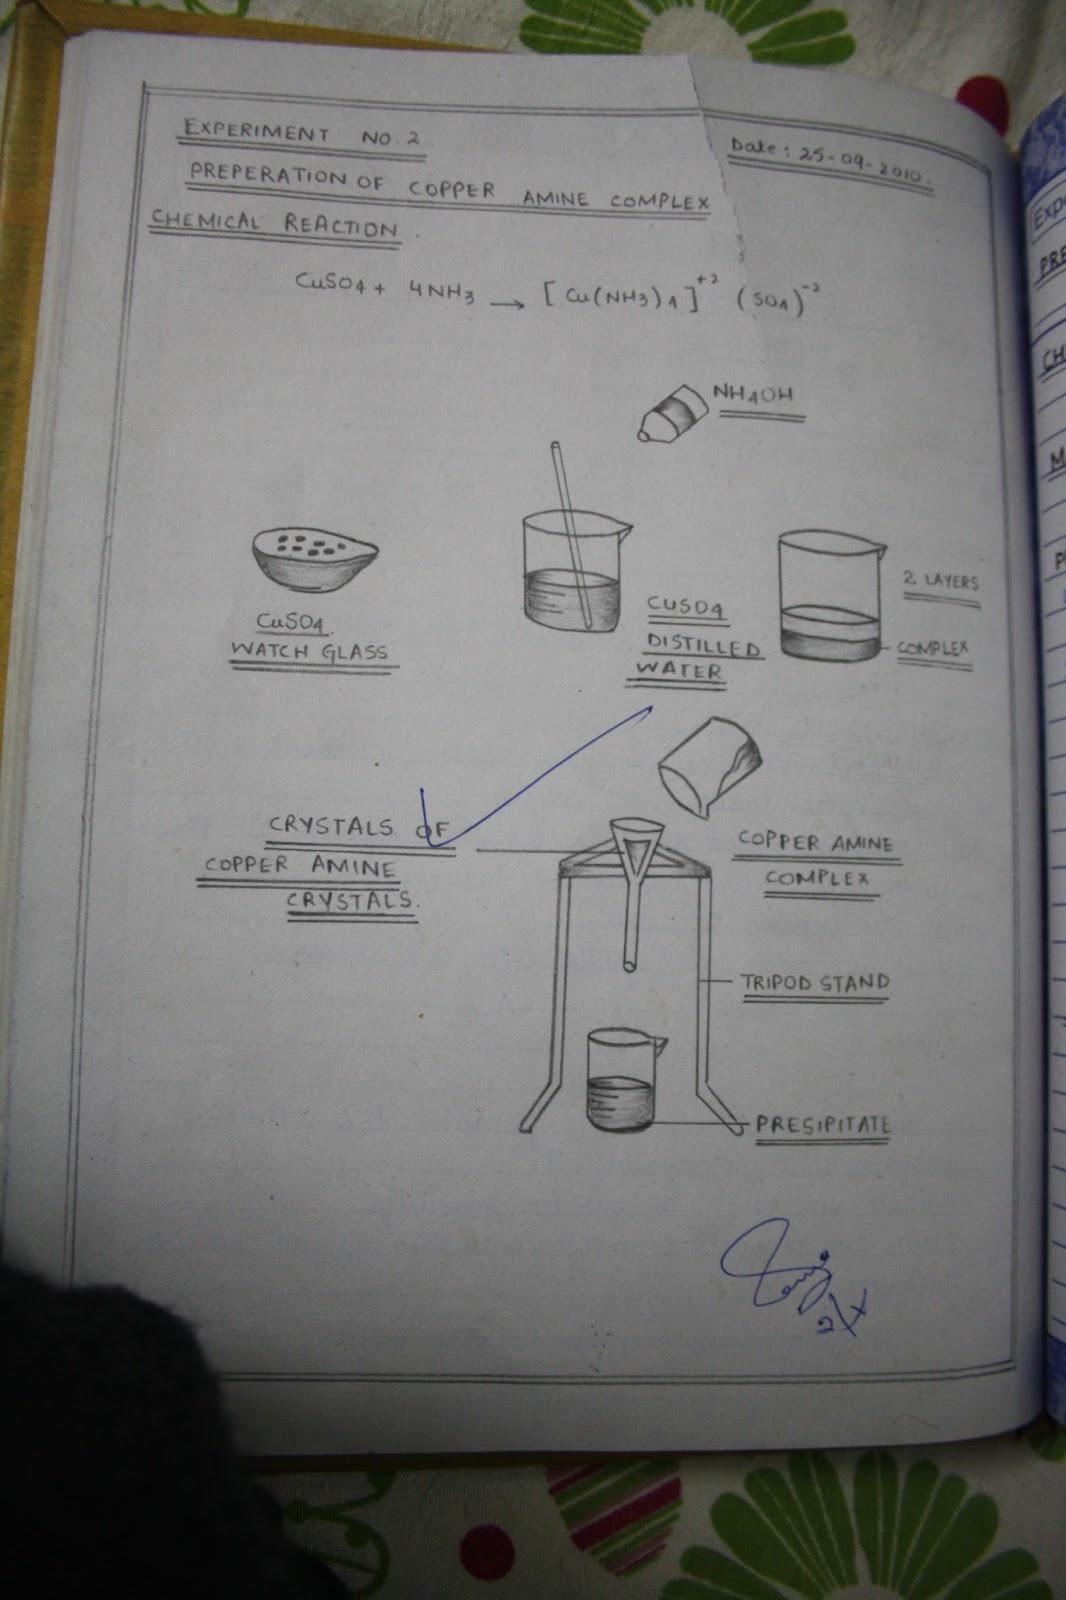 xplane 11 how to make a copy